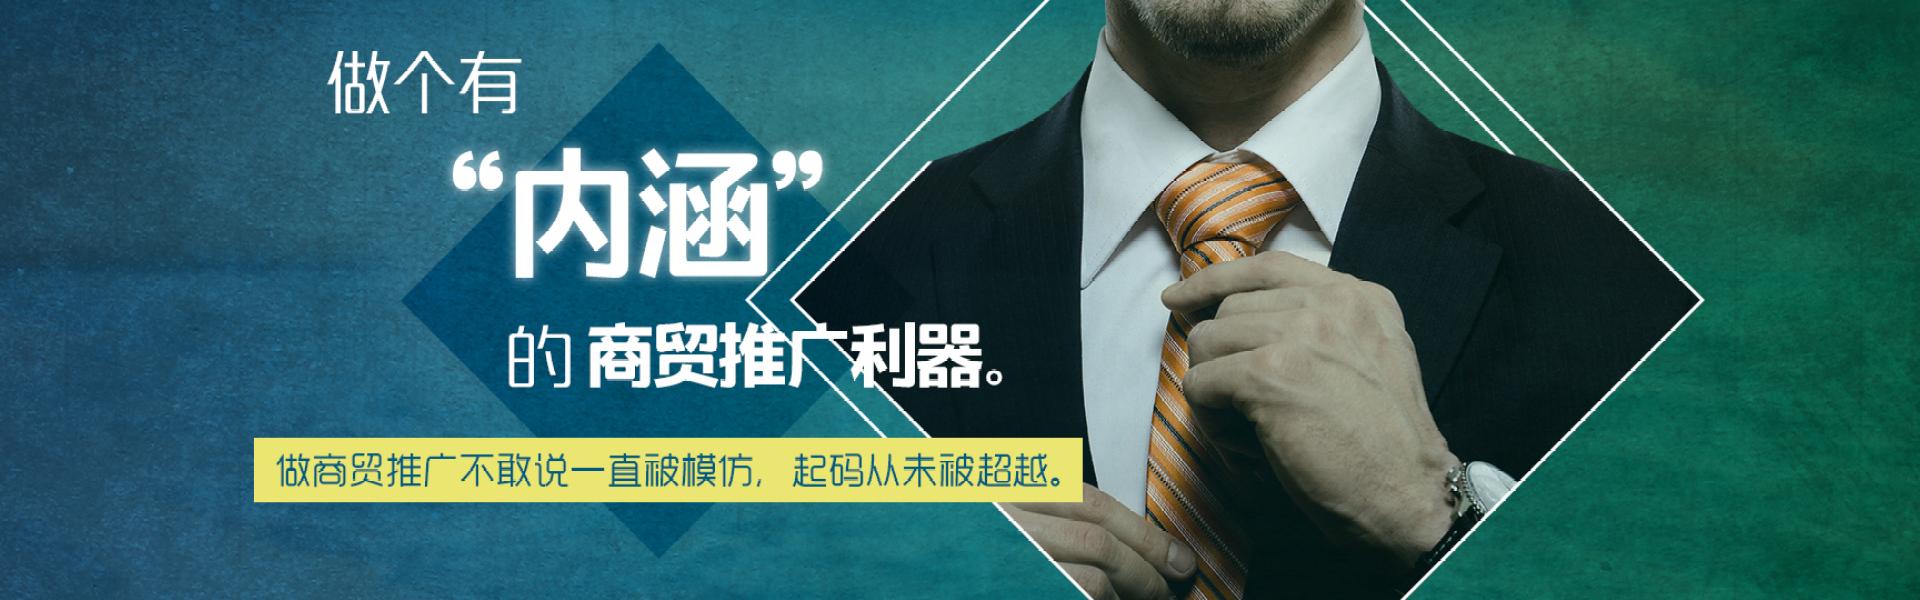 武汉网络营销公司,武汉网络建站,武汉网络推广